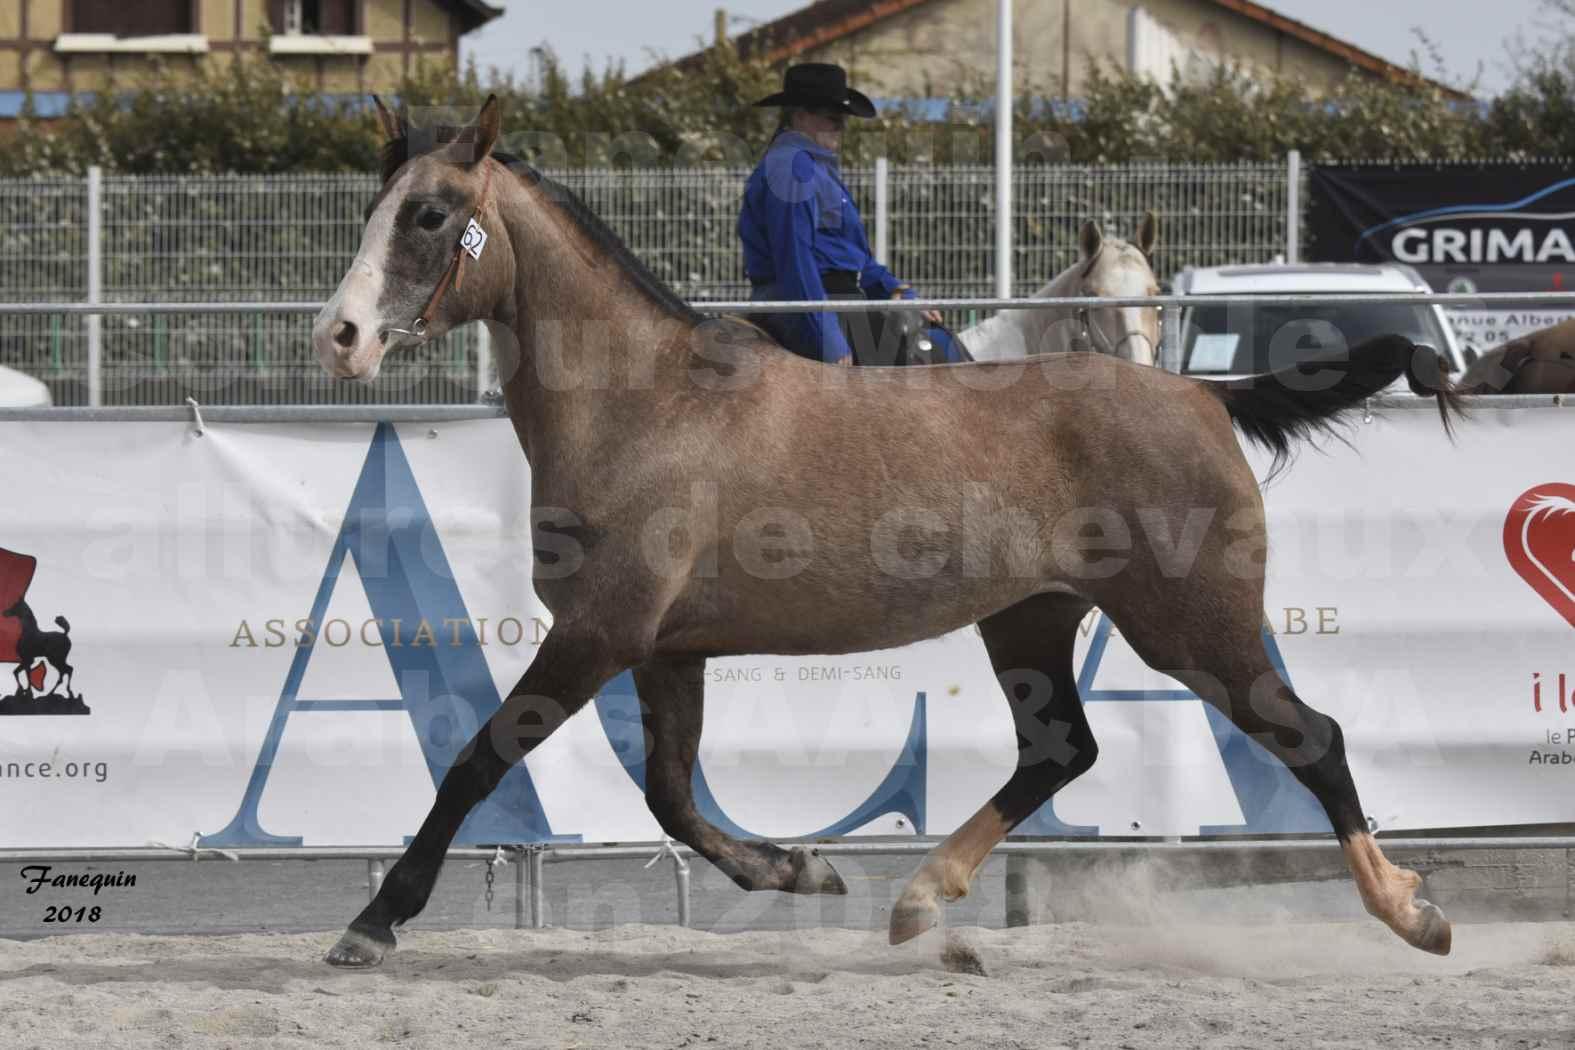 Concours d'élevage de Chevaux Arabes - D. S. A. - A. A. - ALBI les 6 & 7 Avril 2018 - FLORIA DU PUECH - Notre Sélection 05